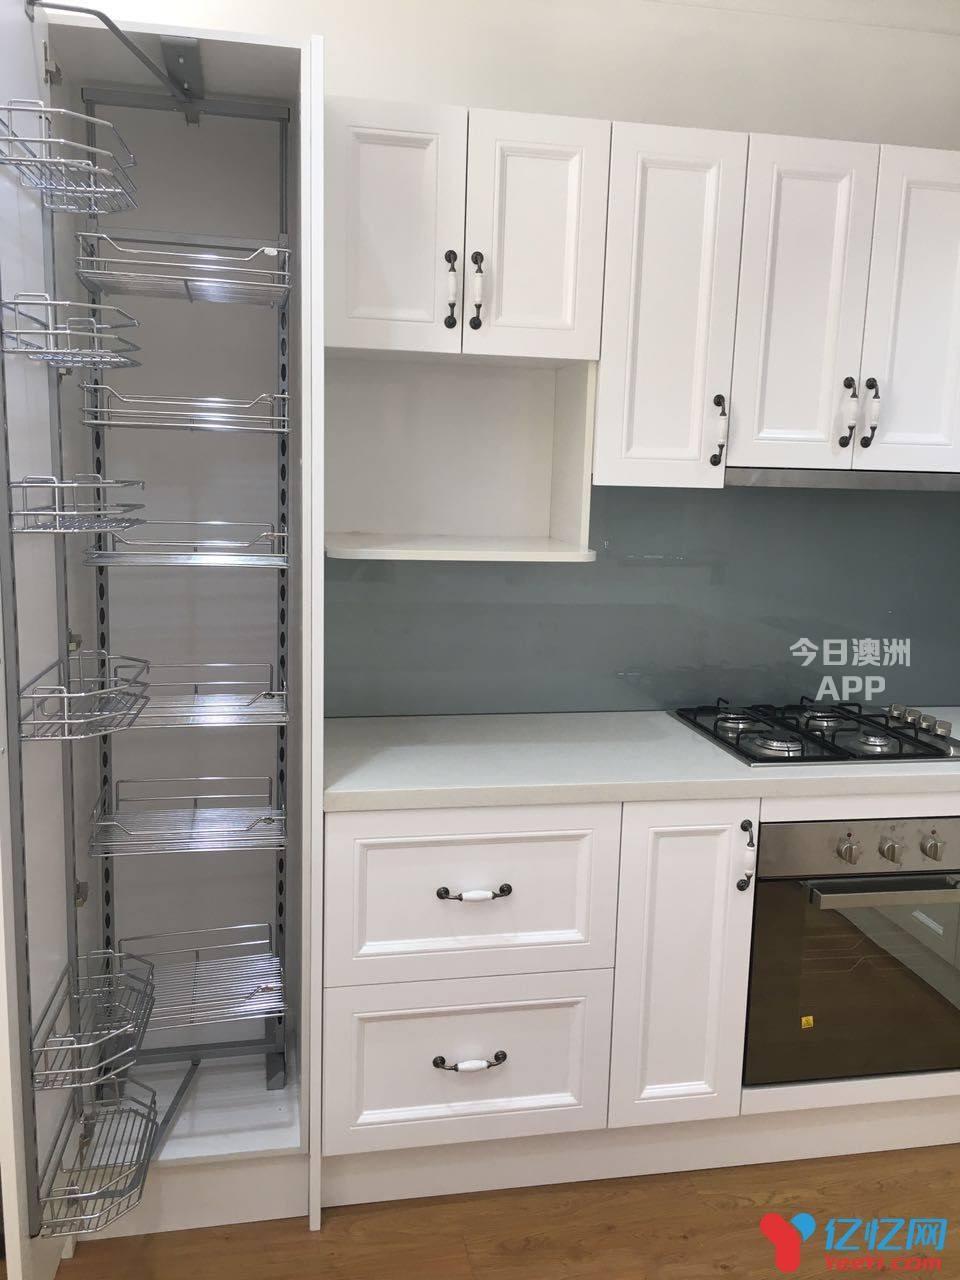 厨房橱柜大理石和人造石台面Splash Back